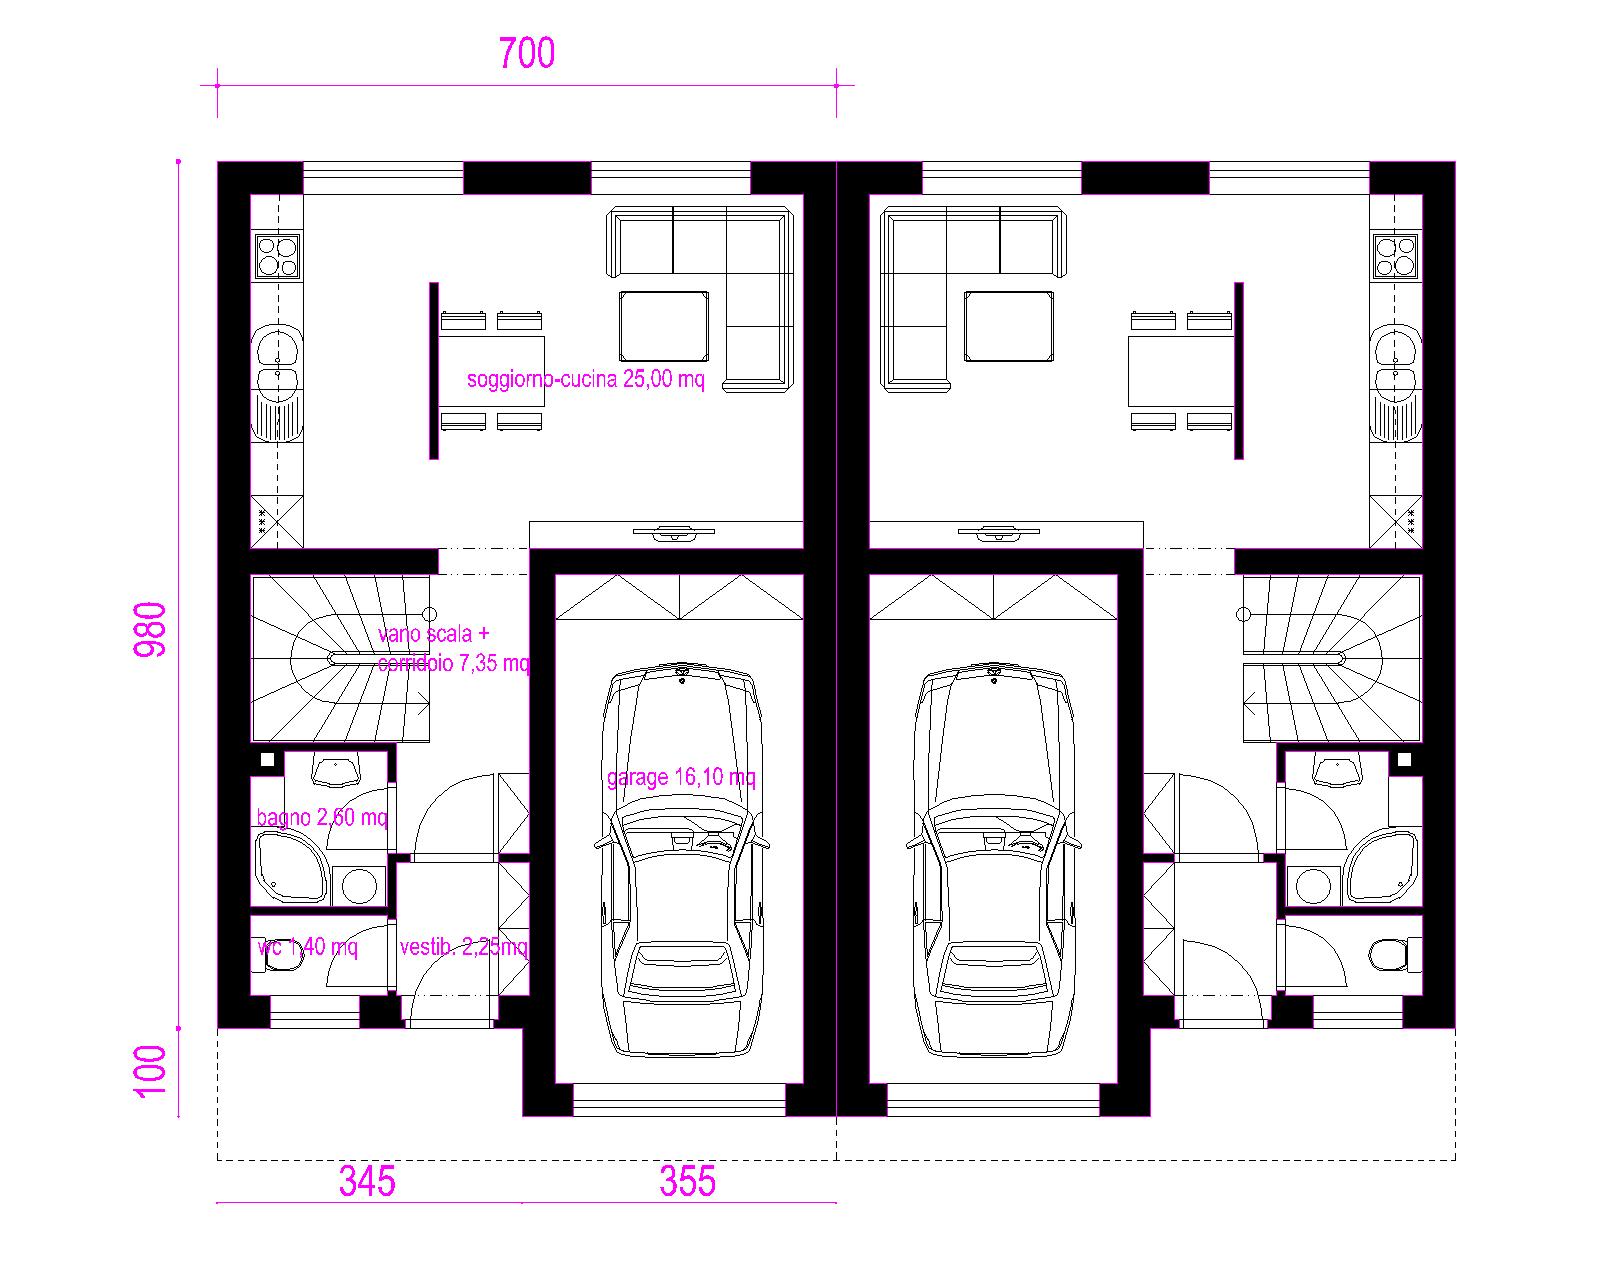 Progetti di case in legno casa bifamiliare 2 x 144 mq for Casa in legno 25 mq